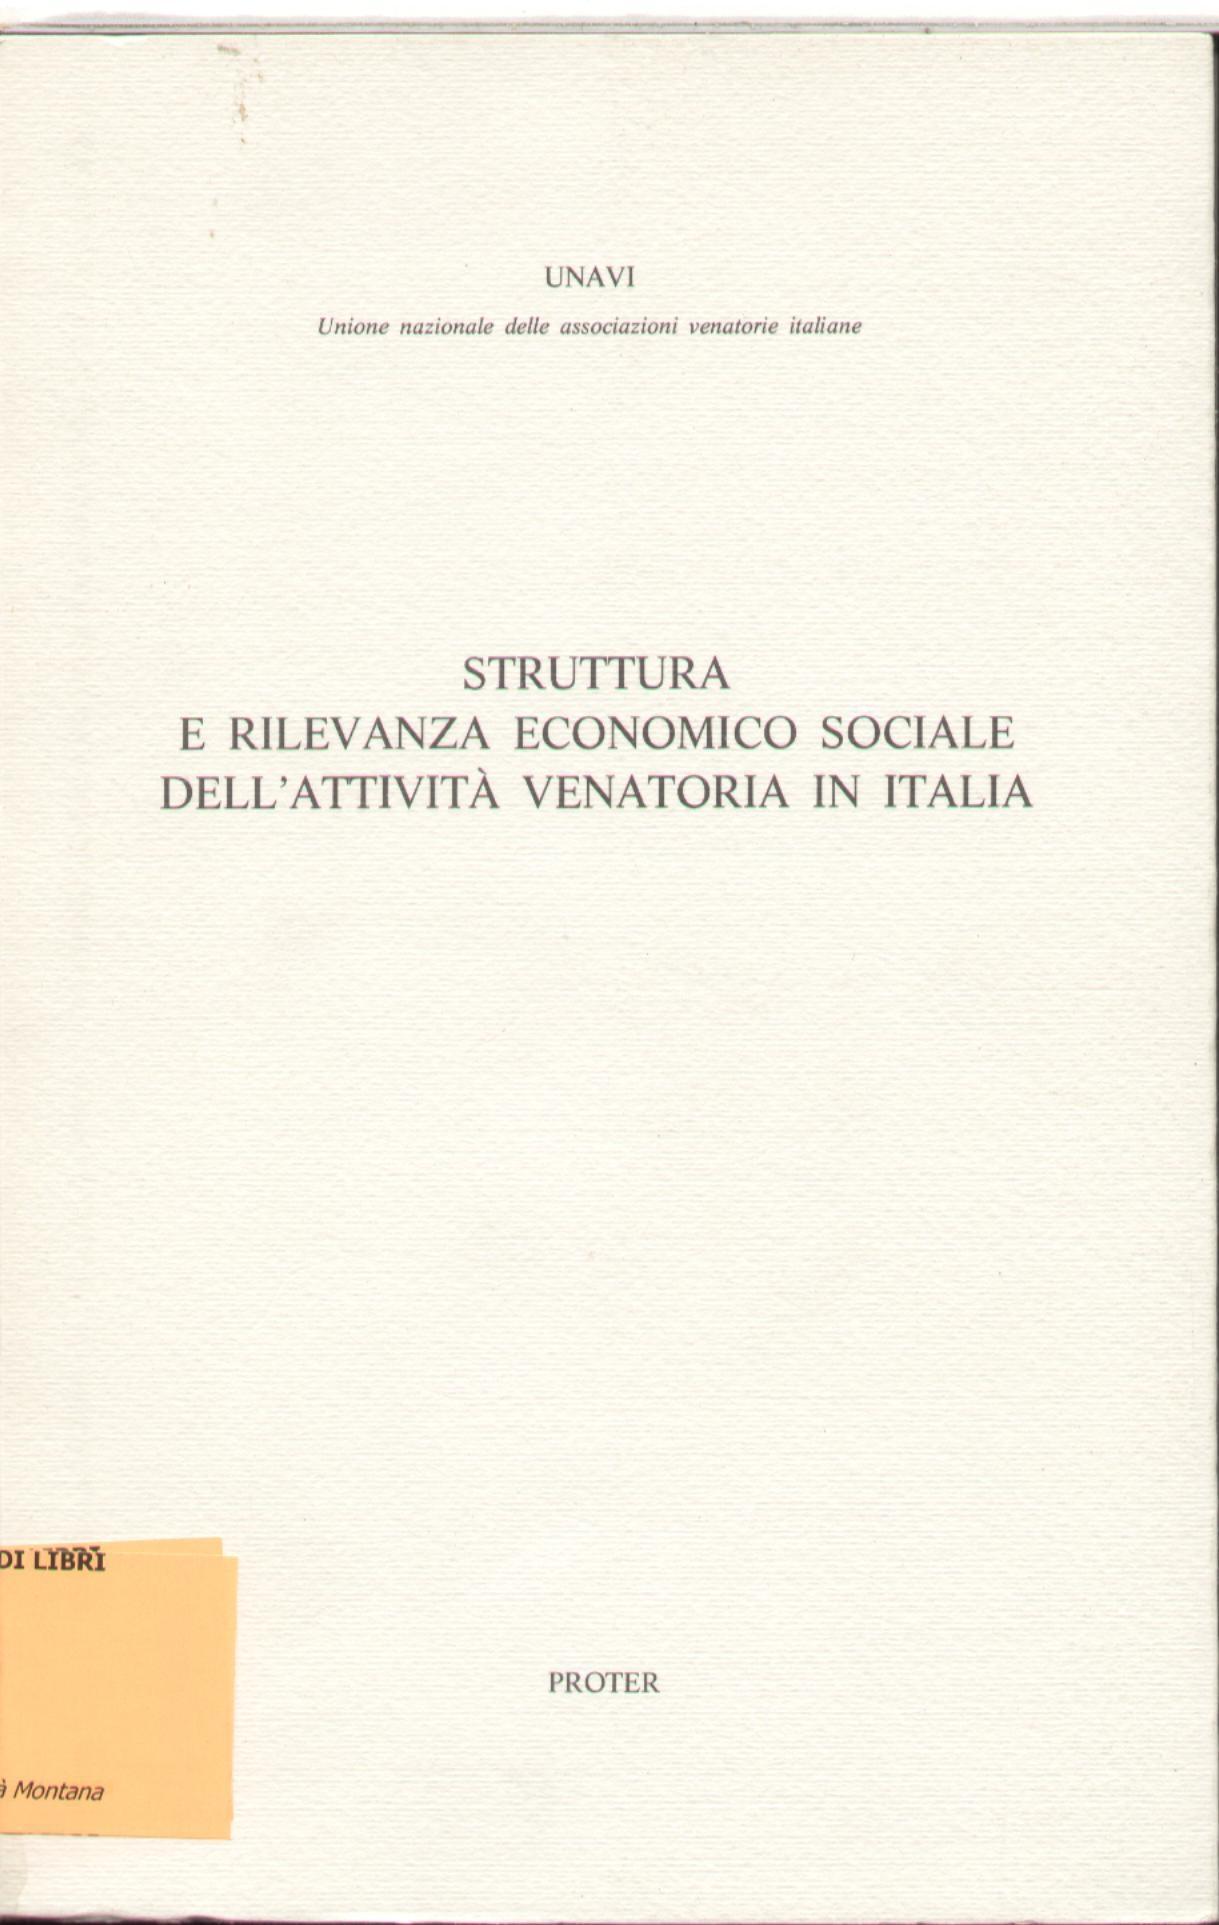 Struttura e rilevanza economico sociale dell'attività venatoria in Italia